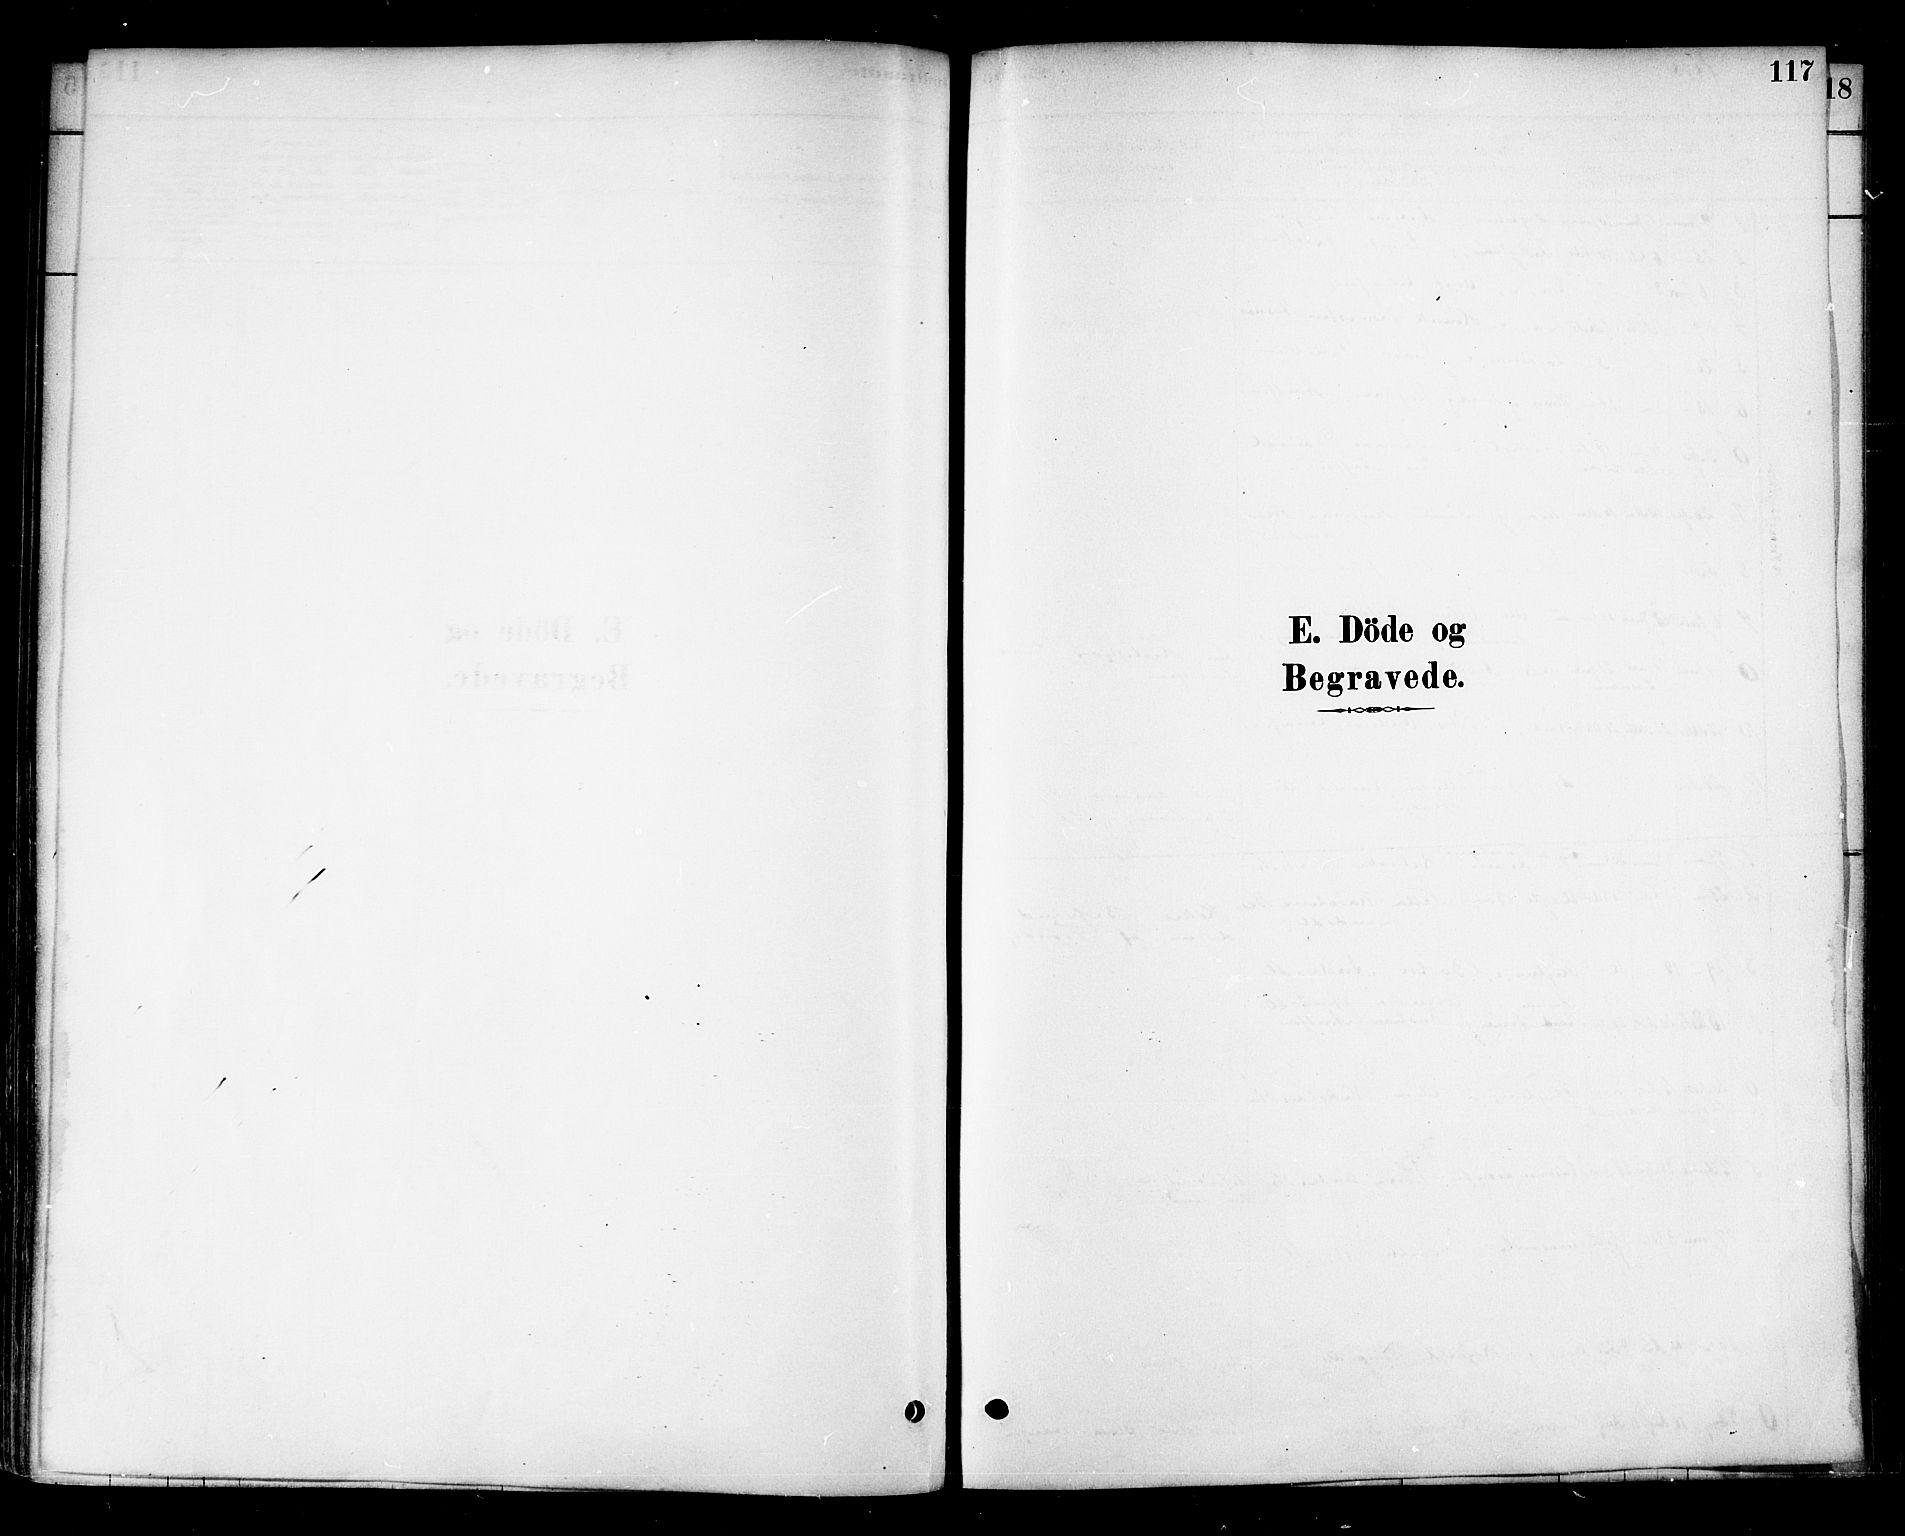 SAT, Ministerialprotokoller, klokkerbøker og fødselsregistre - Nord-Trøndelag, 741/L0395: Ministerialbok nr. 741A09, 1878-1888, s. 117